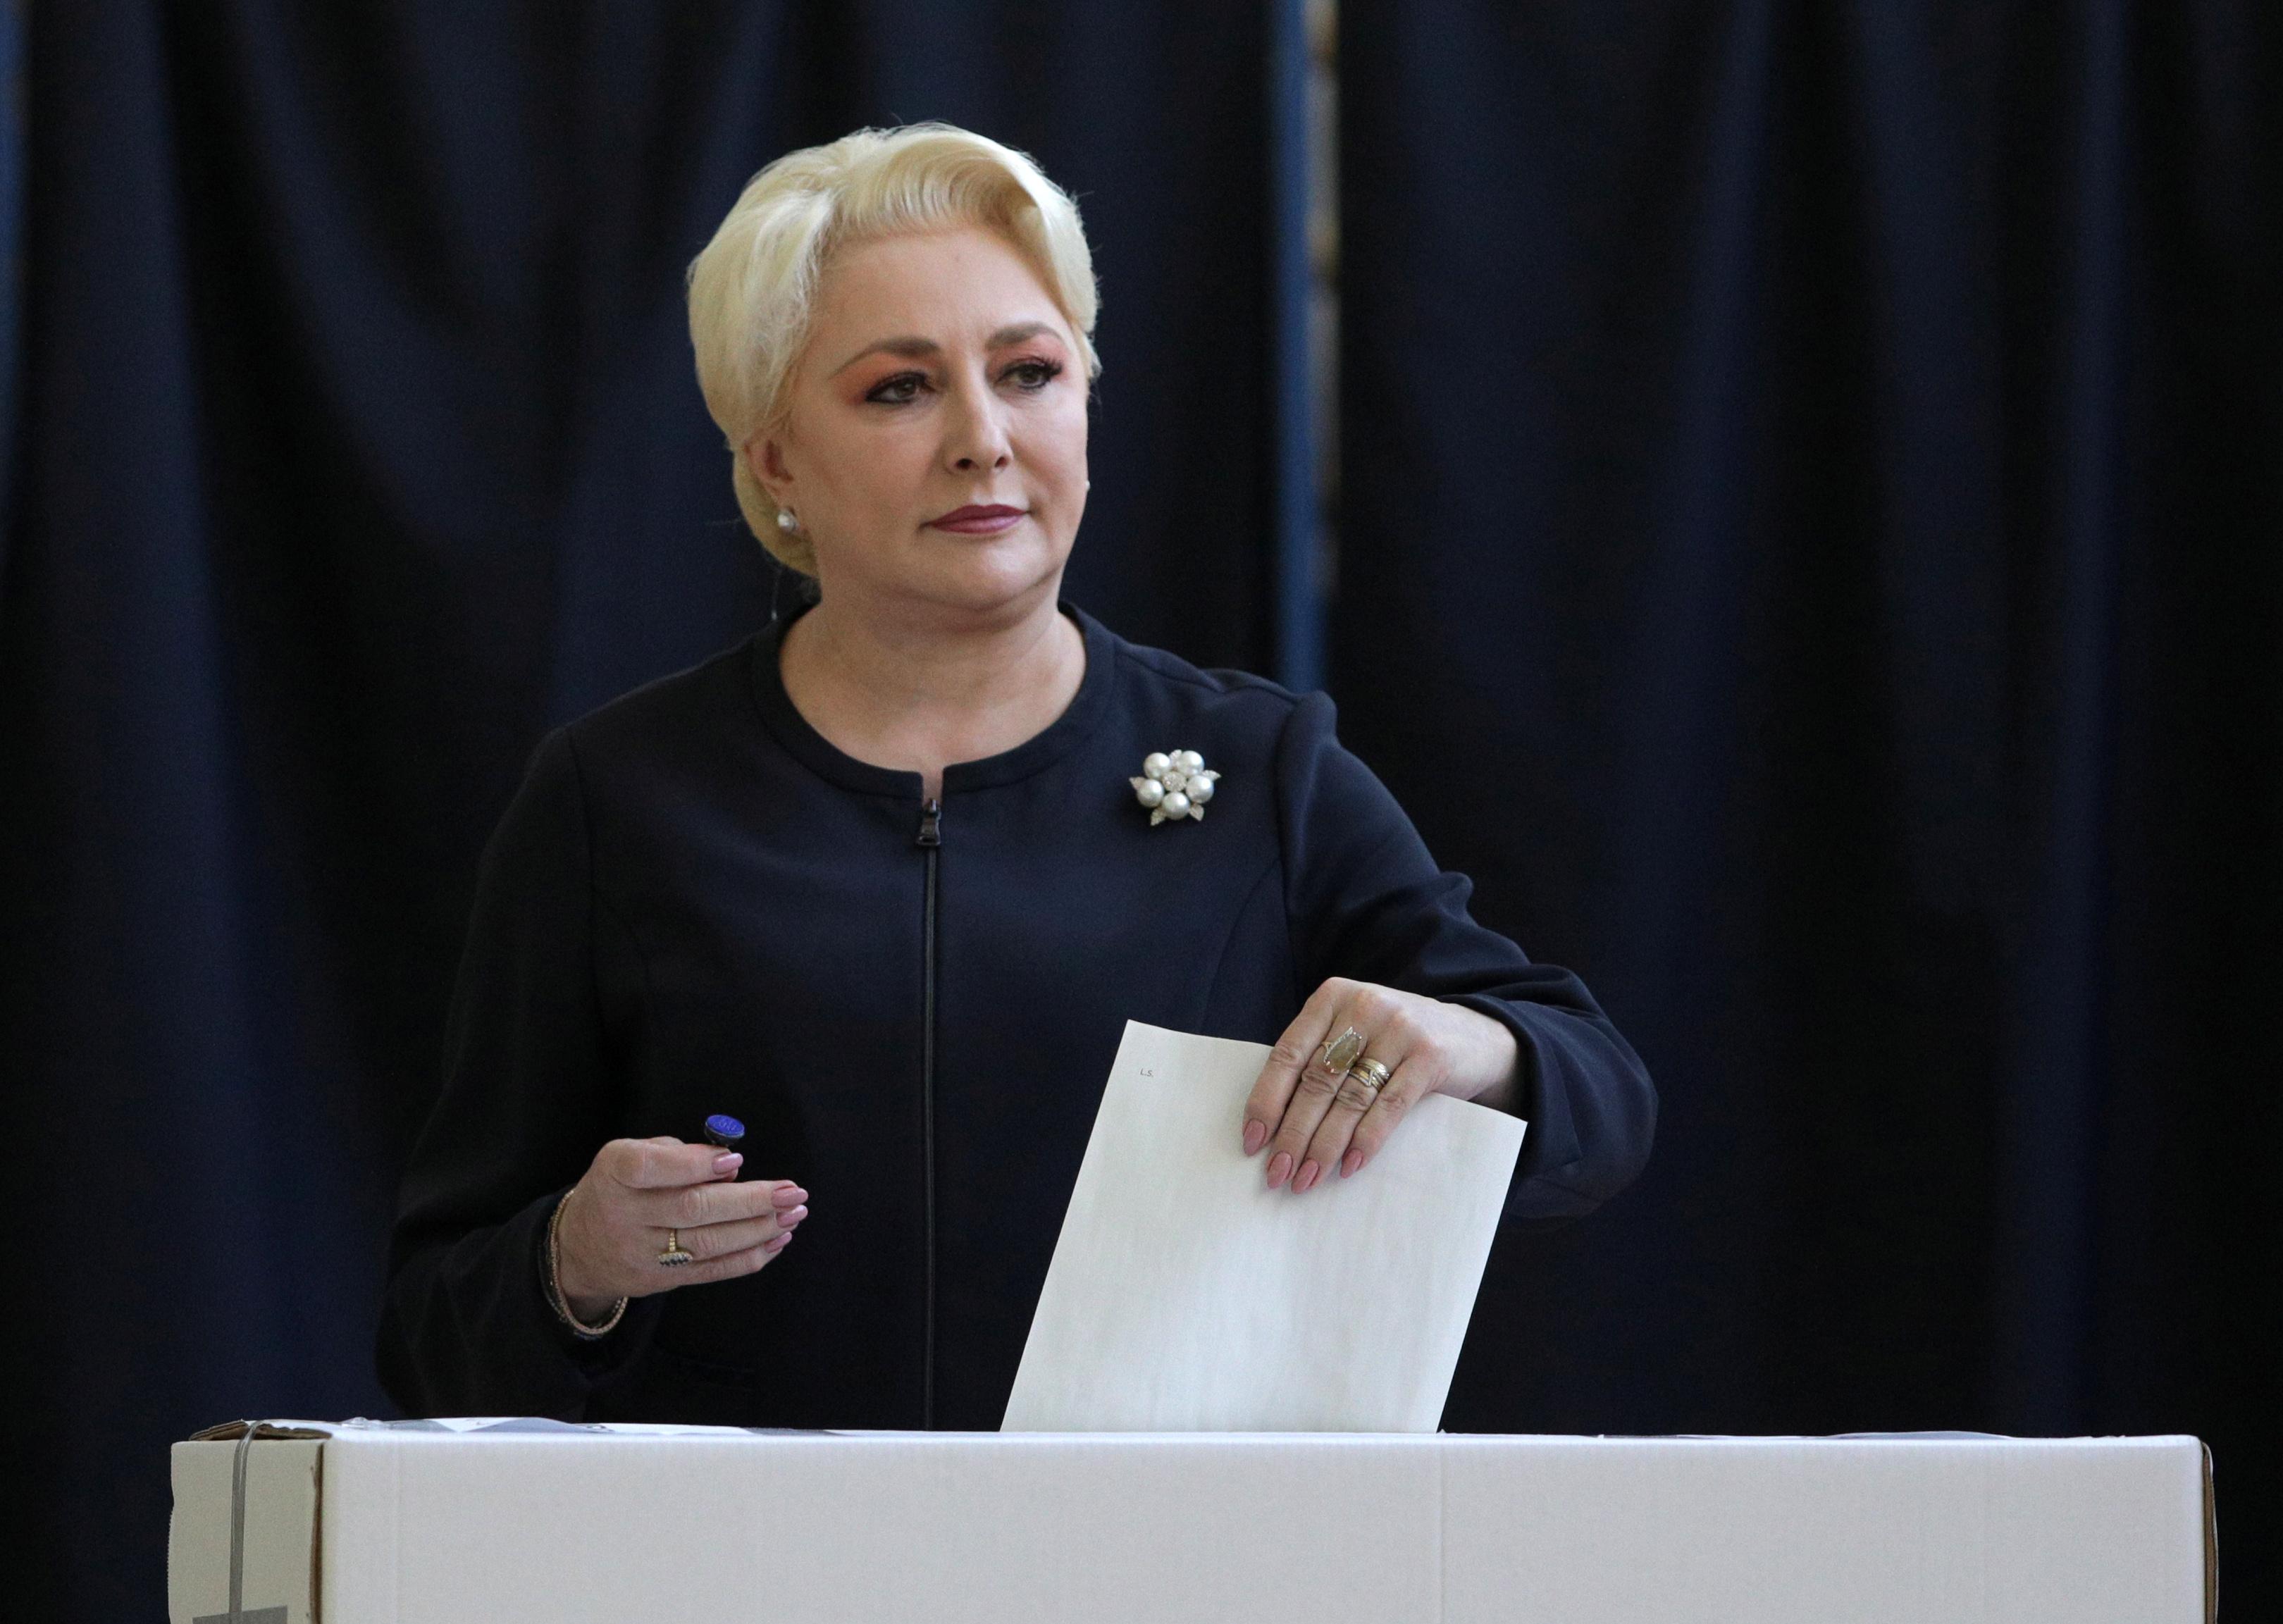 Romania to propose new EU commissioner - PM